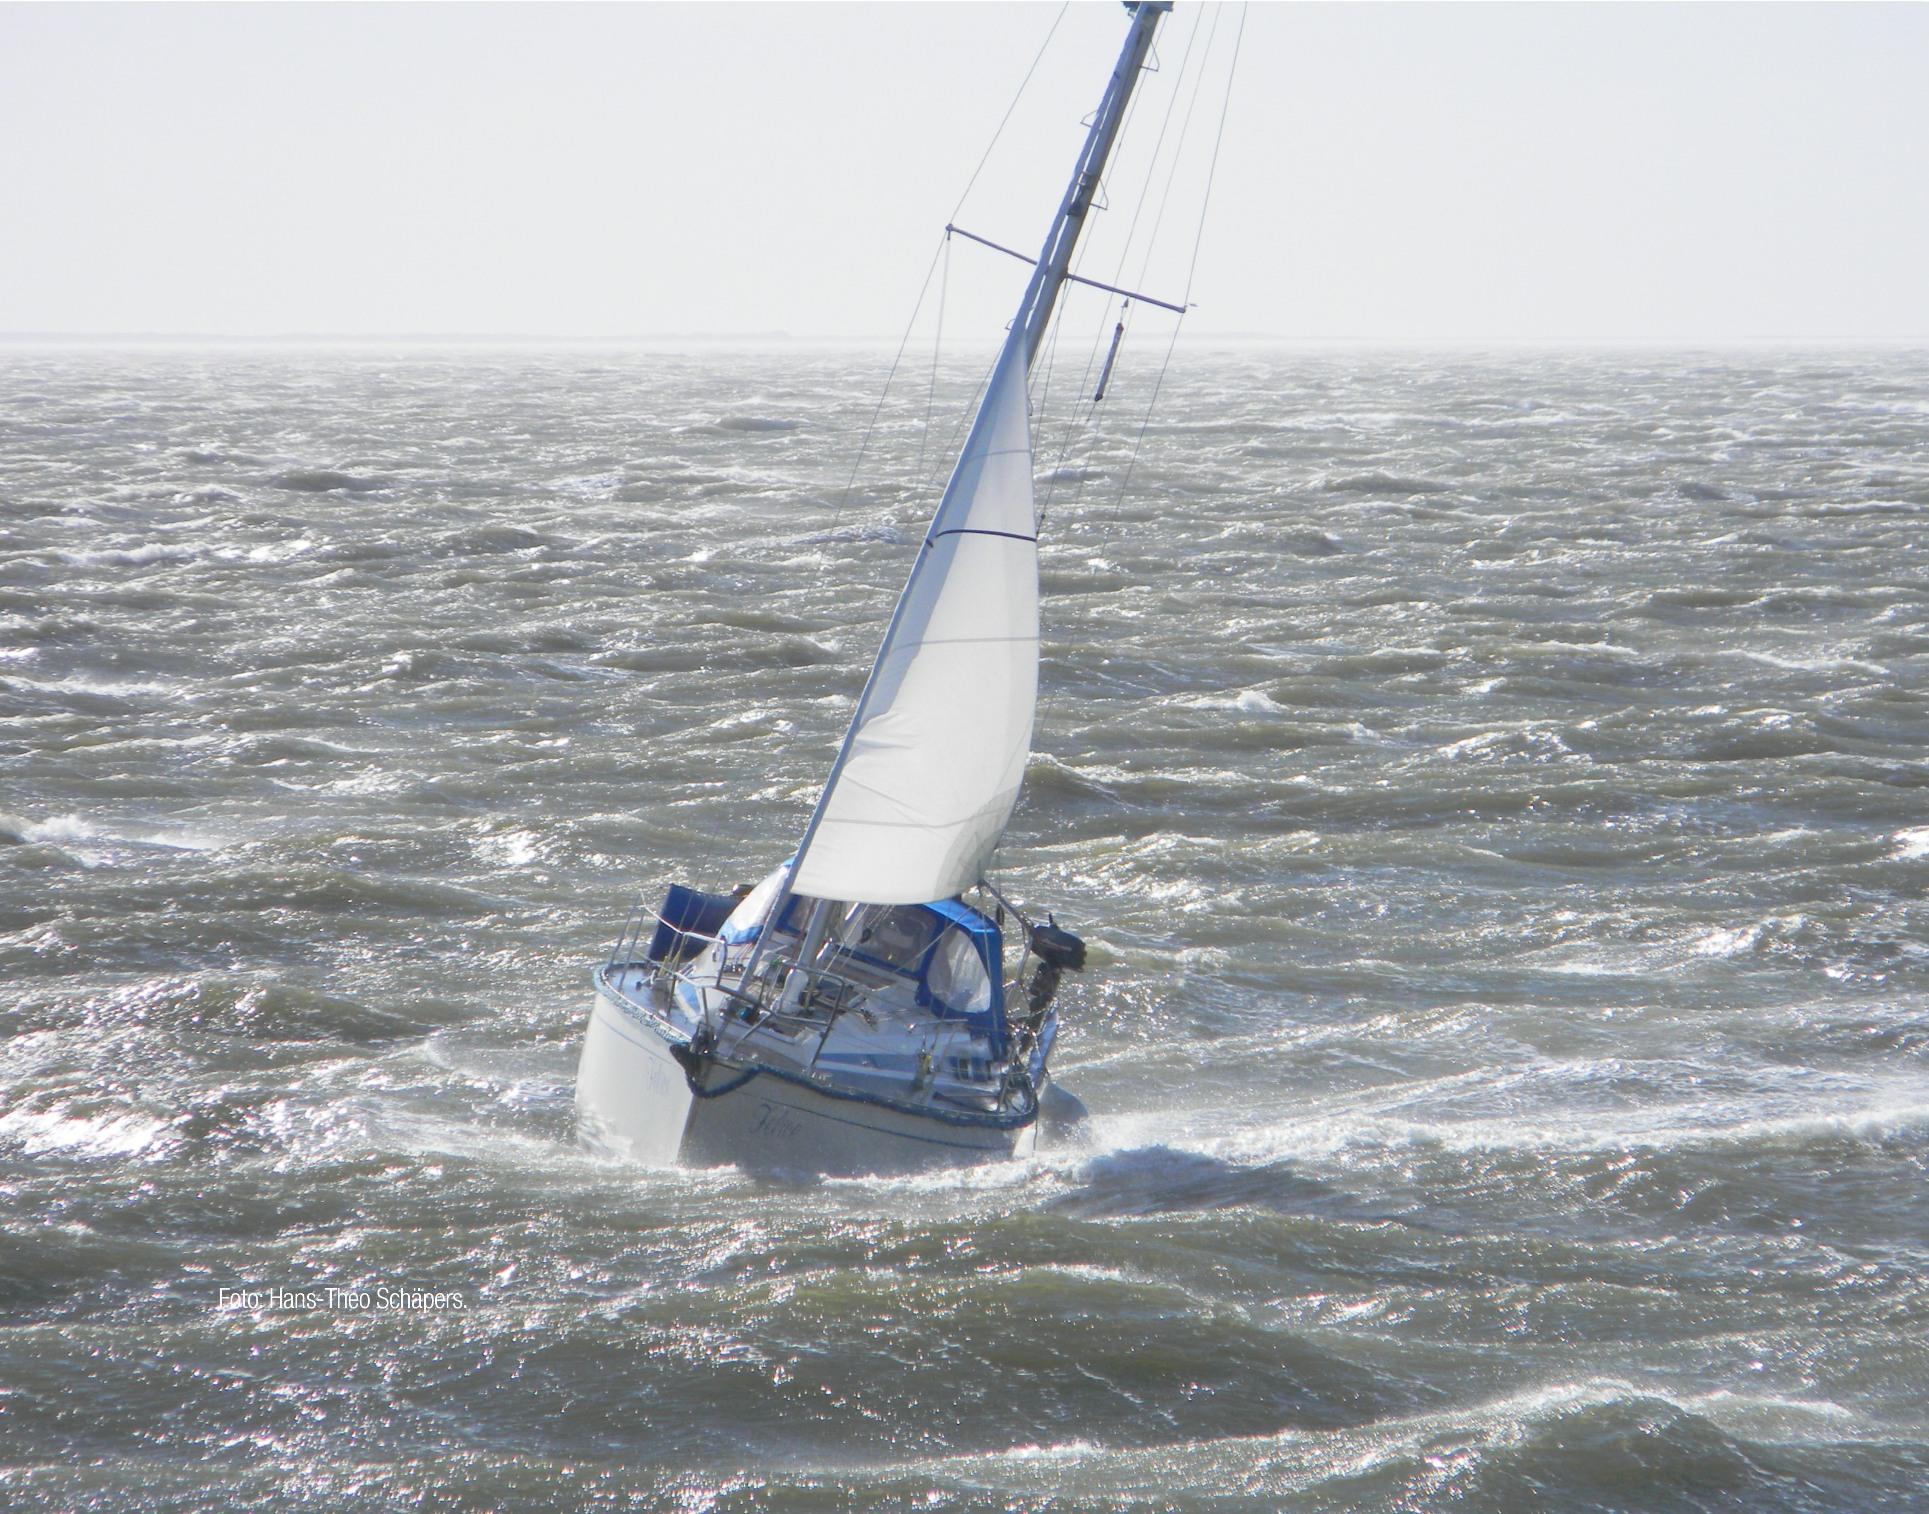 Panoramabild von unruhiger See mit Segelboot, das in den Wellen schaukelt